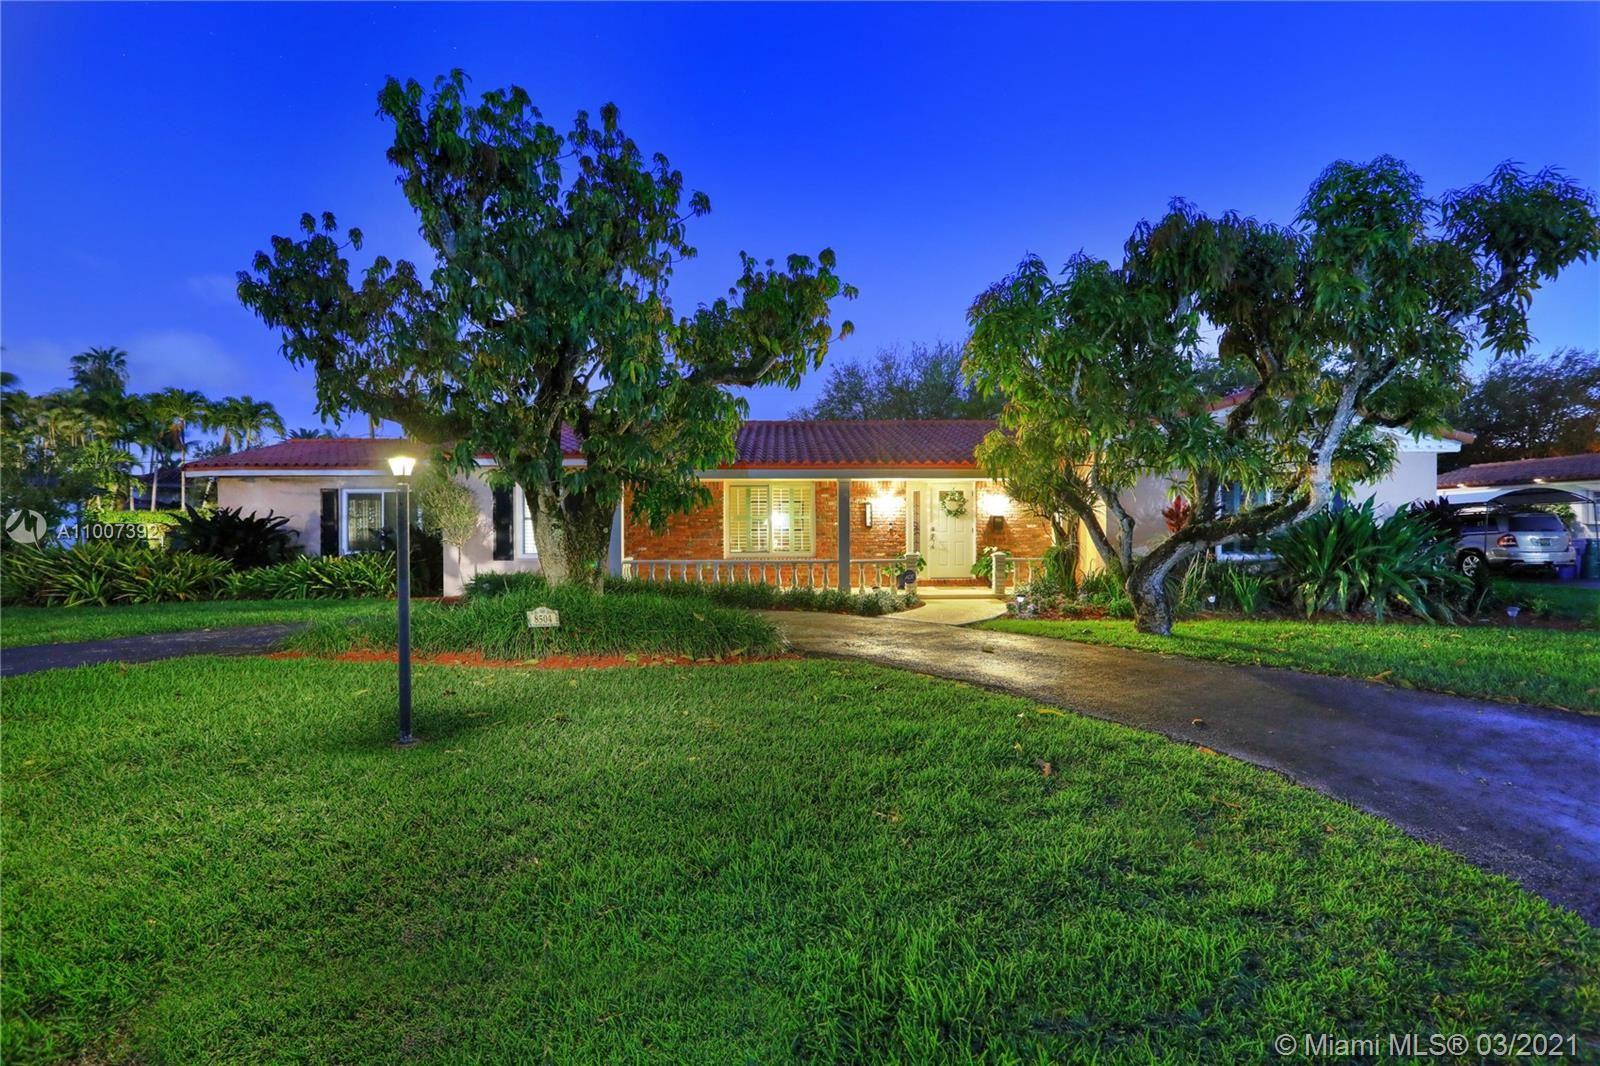 8504 SW 75 St, Miami, FL 33143 - #: A11007392